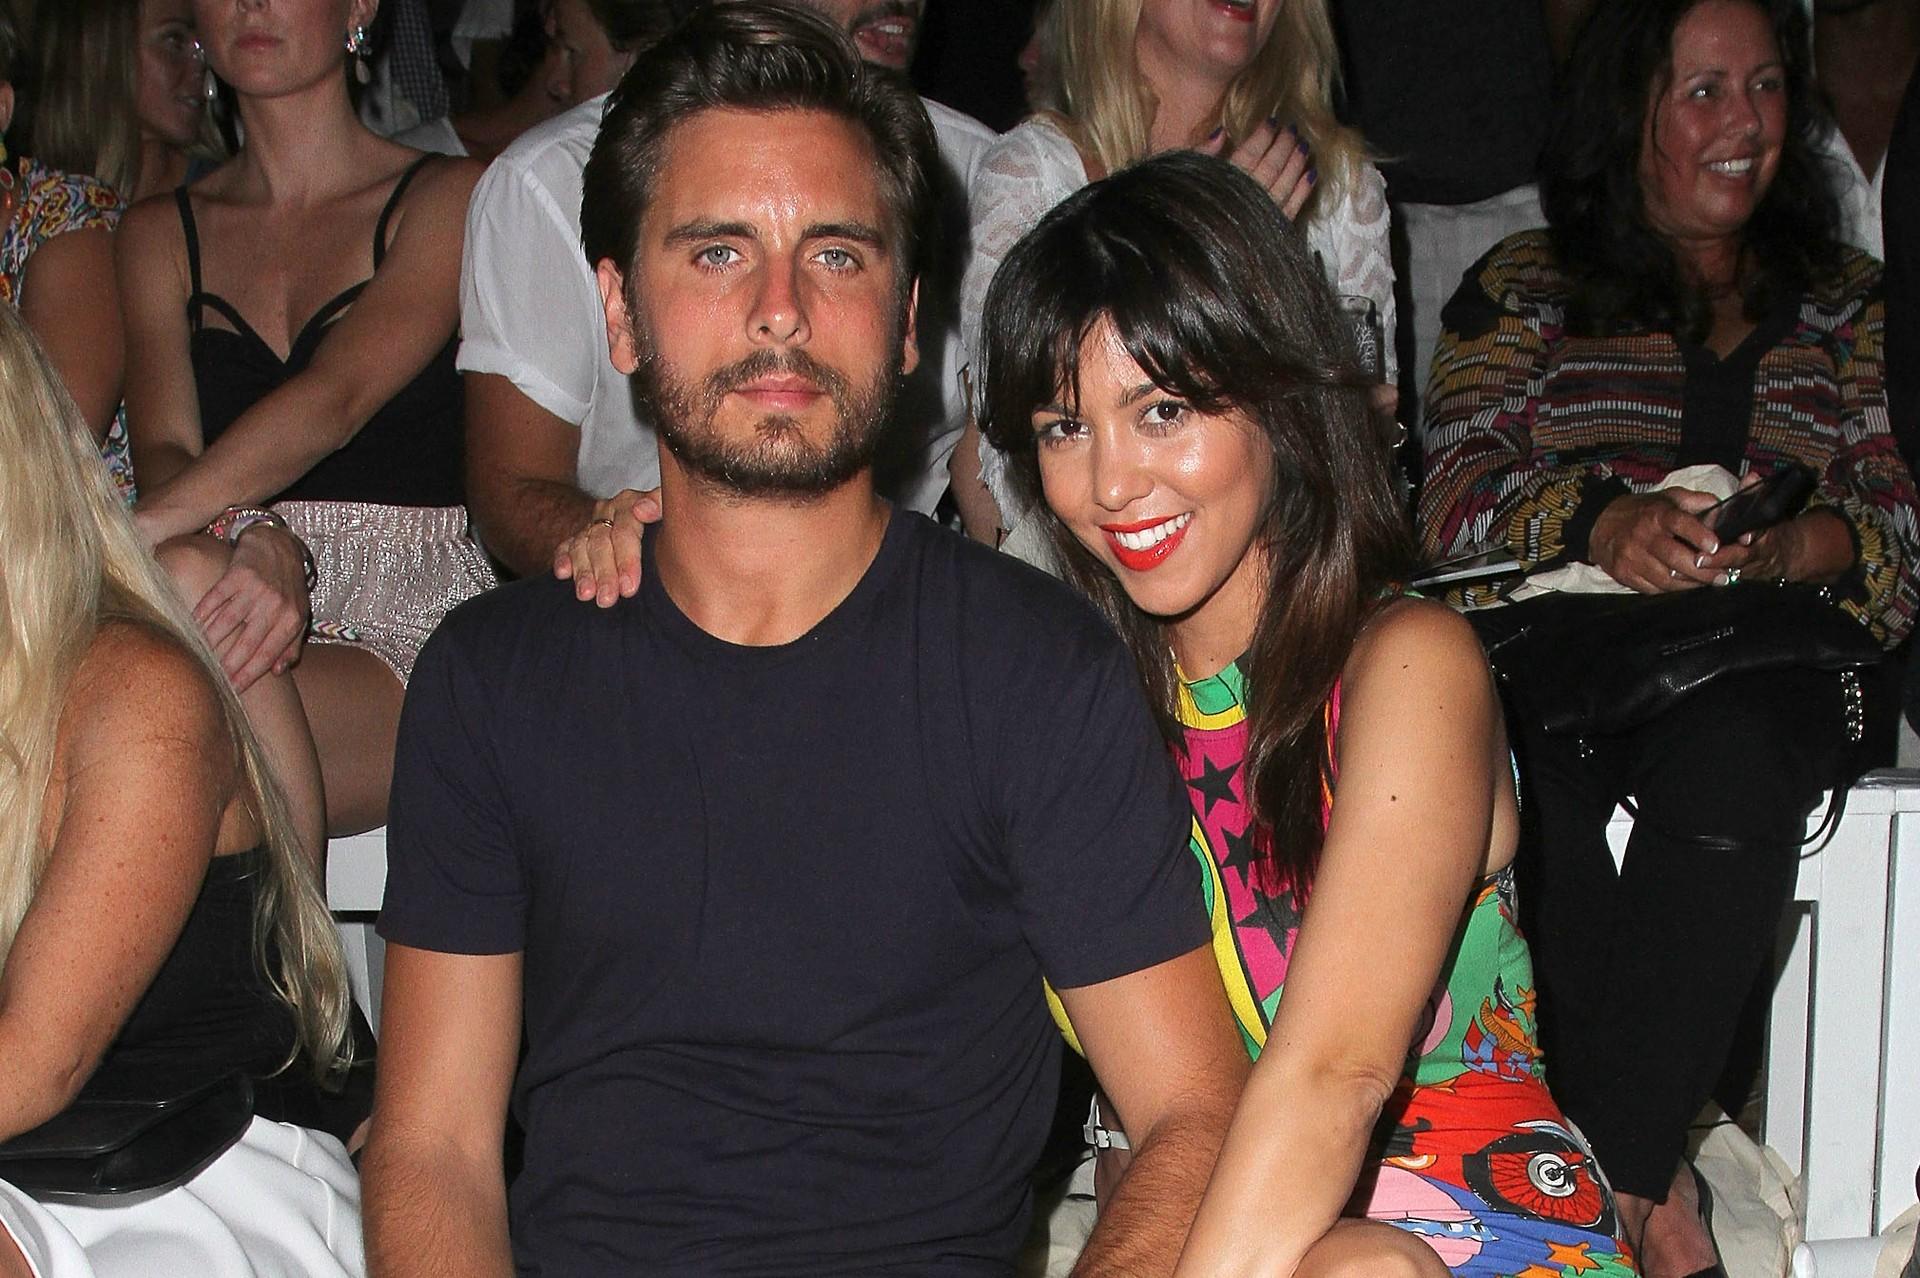 A modelo e socialite Kourtney Kardashian e o modelo e empresário Scott Disick começaram a namorar em 2006, mas o relacionamento costumava ser tão cheio de desentendimentos que, mesmo tendo dois filhos, eles diziam que não pretendiam se casar. Esse discurs (Foto: Getty Images)